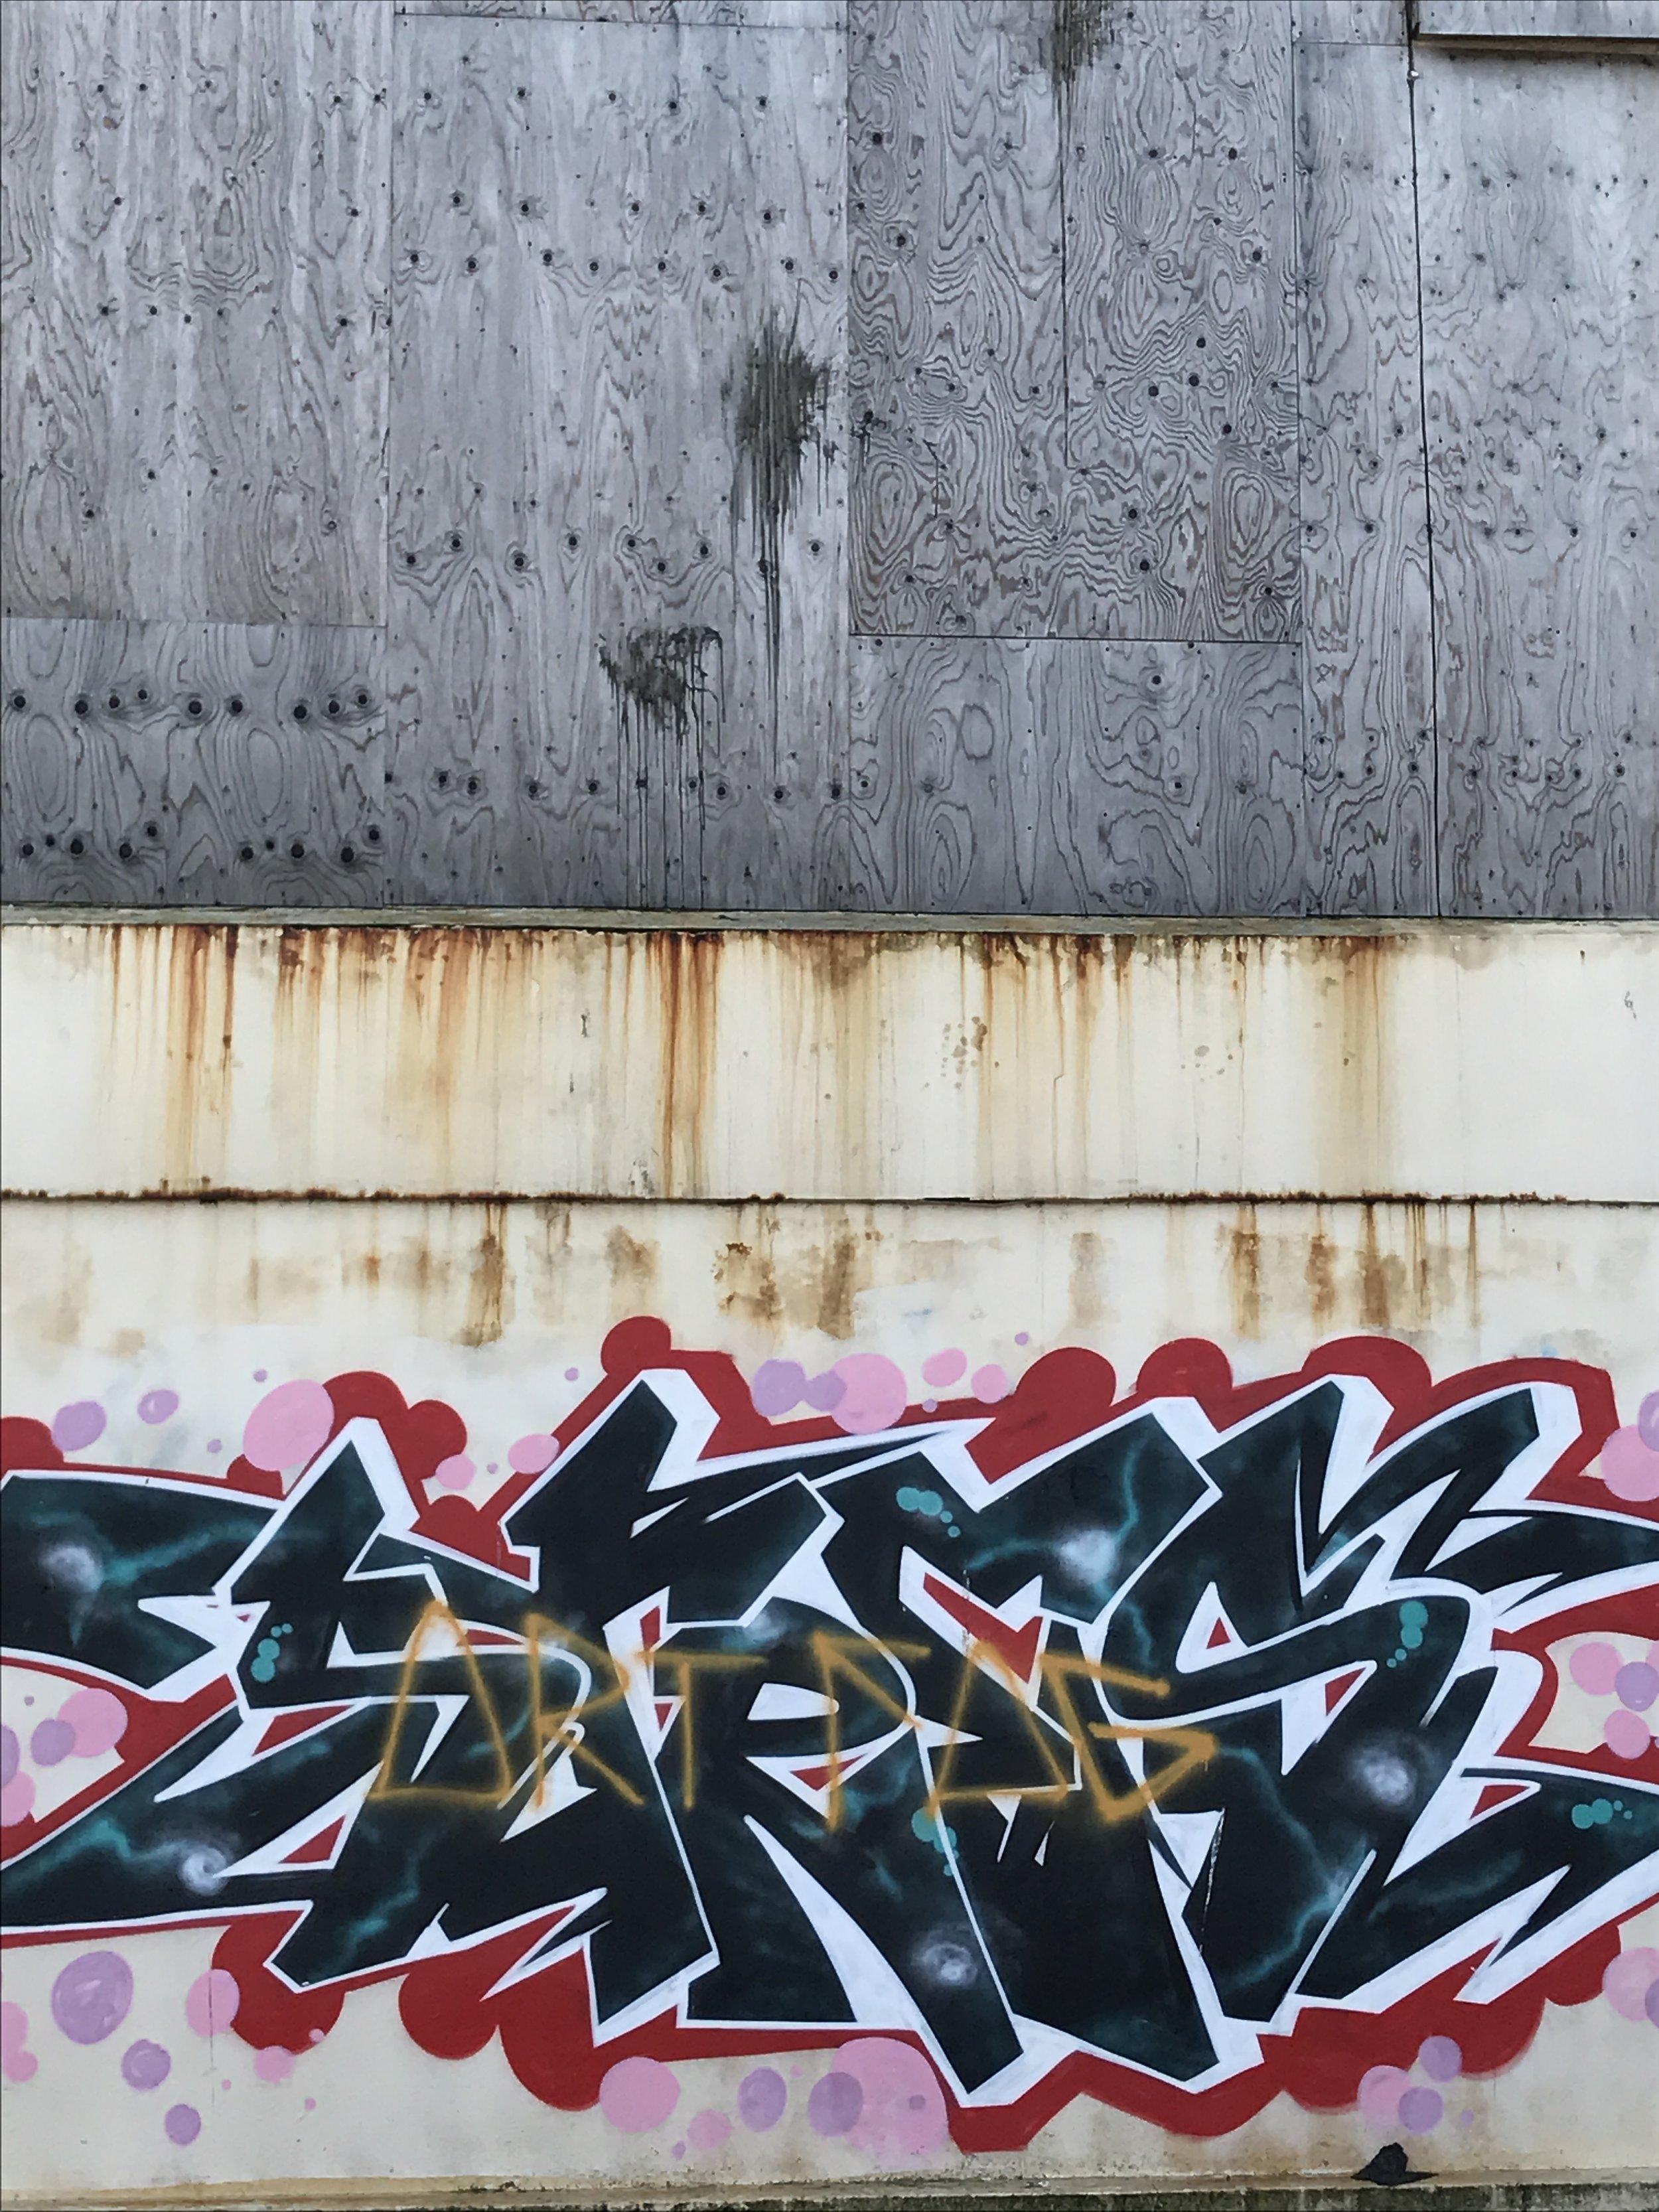 Mel_Cole_Graffiti.JPG